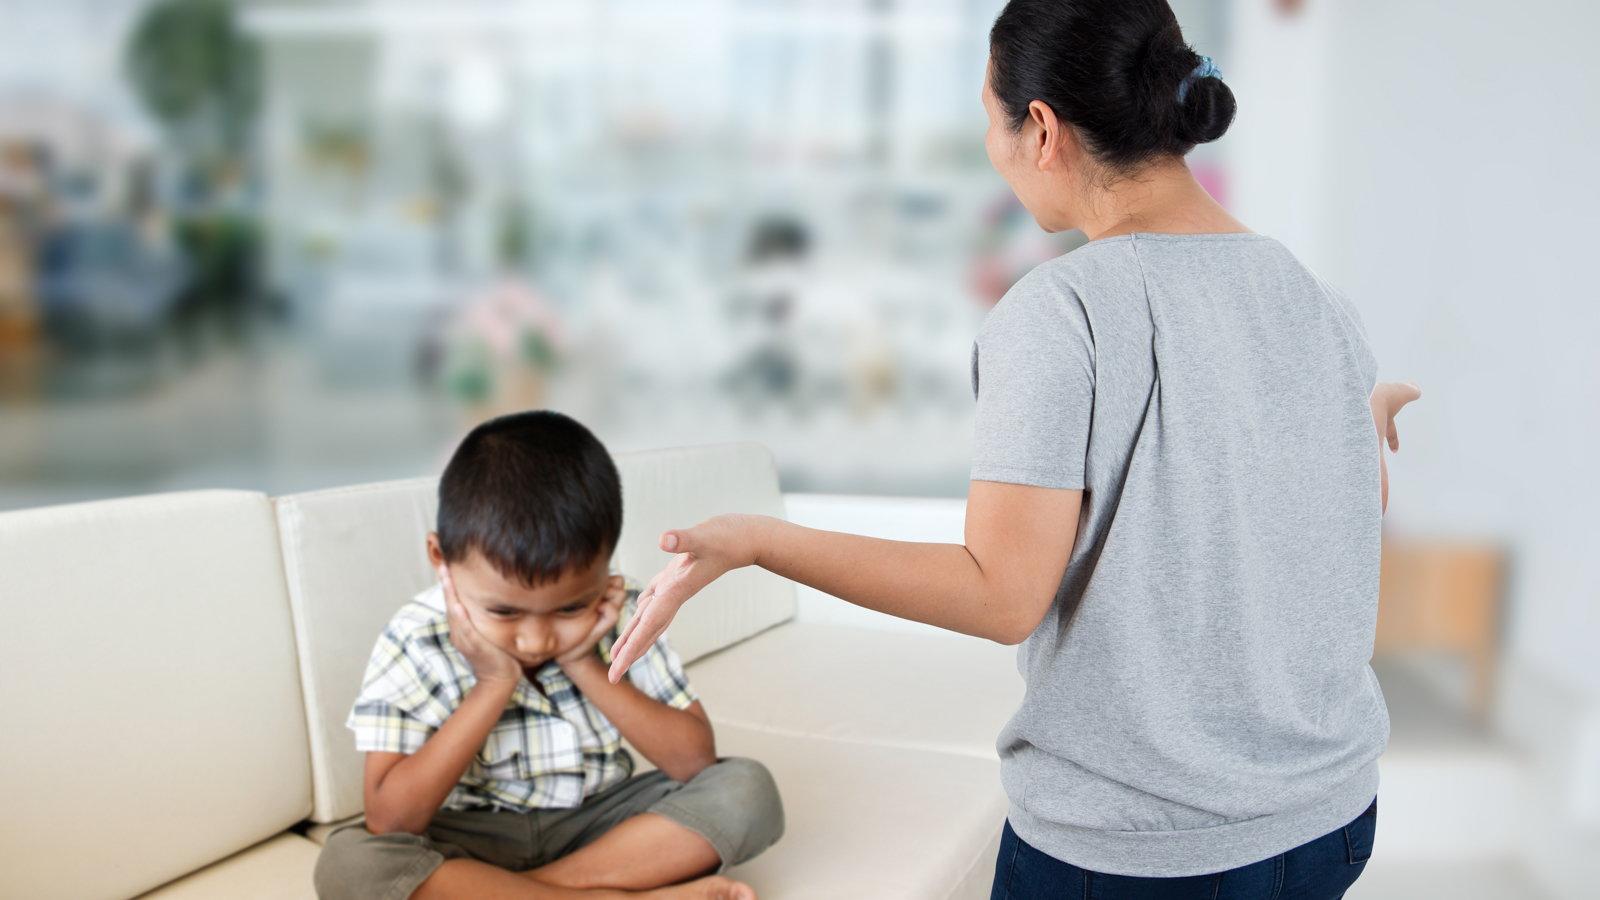 mom scolding son